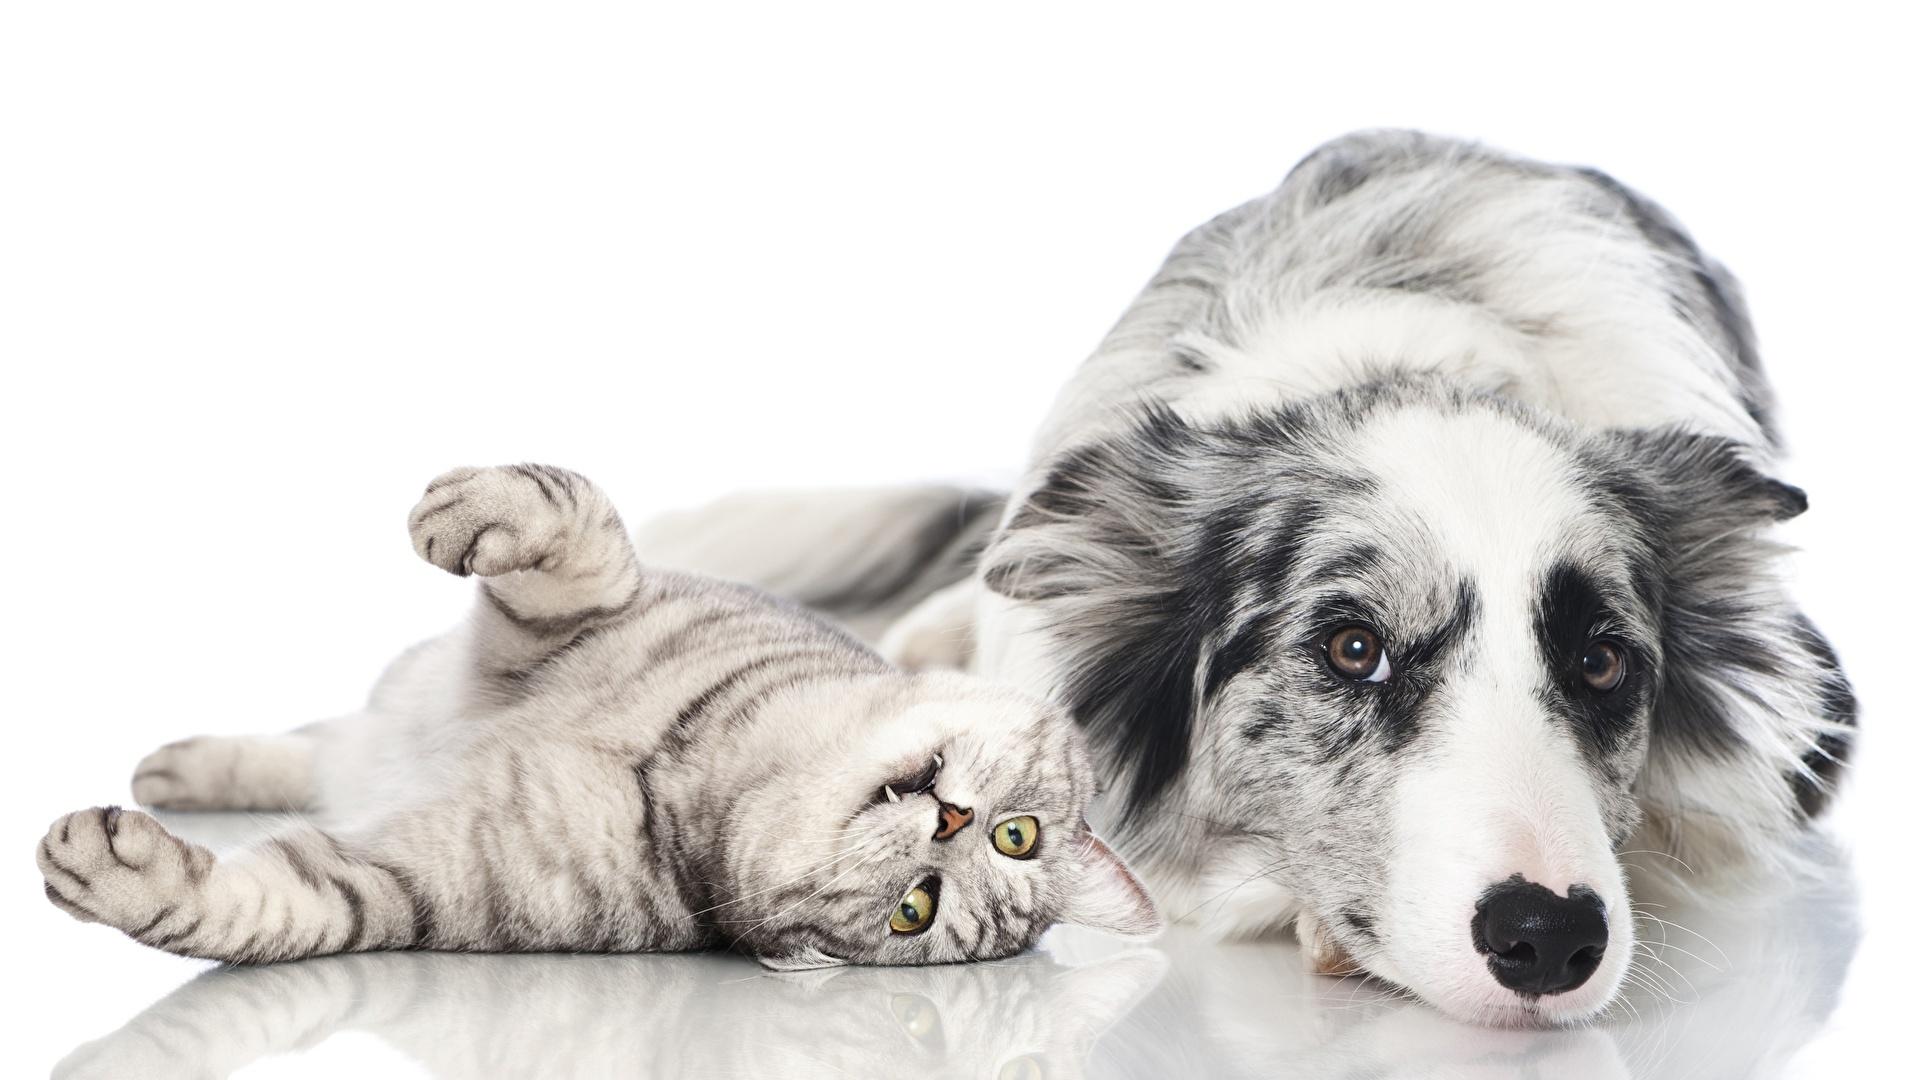 Диана Анкудинова решает, кто лучше: кошки или собаки